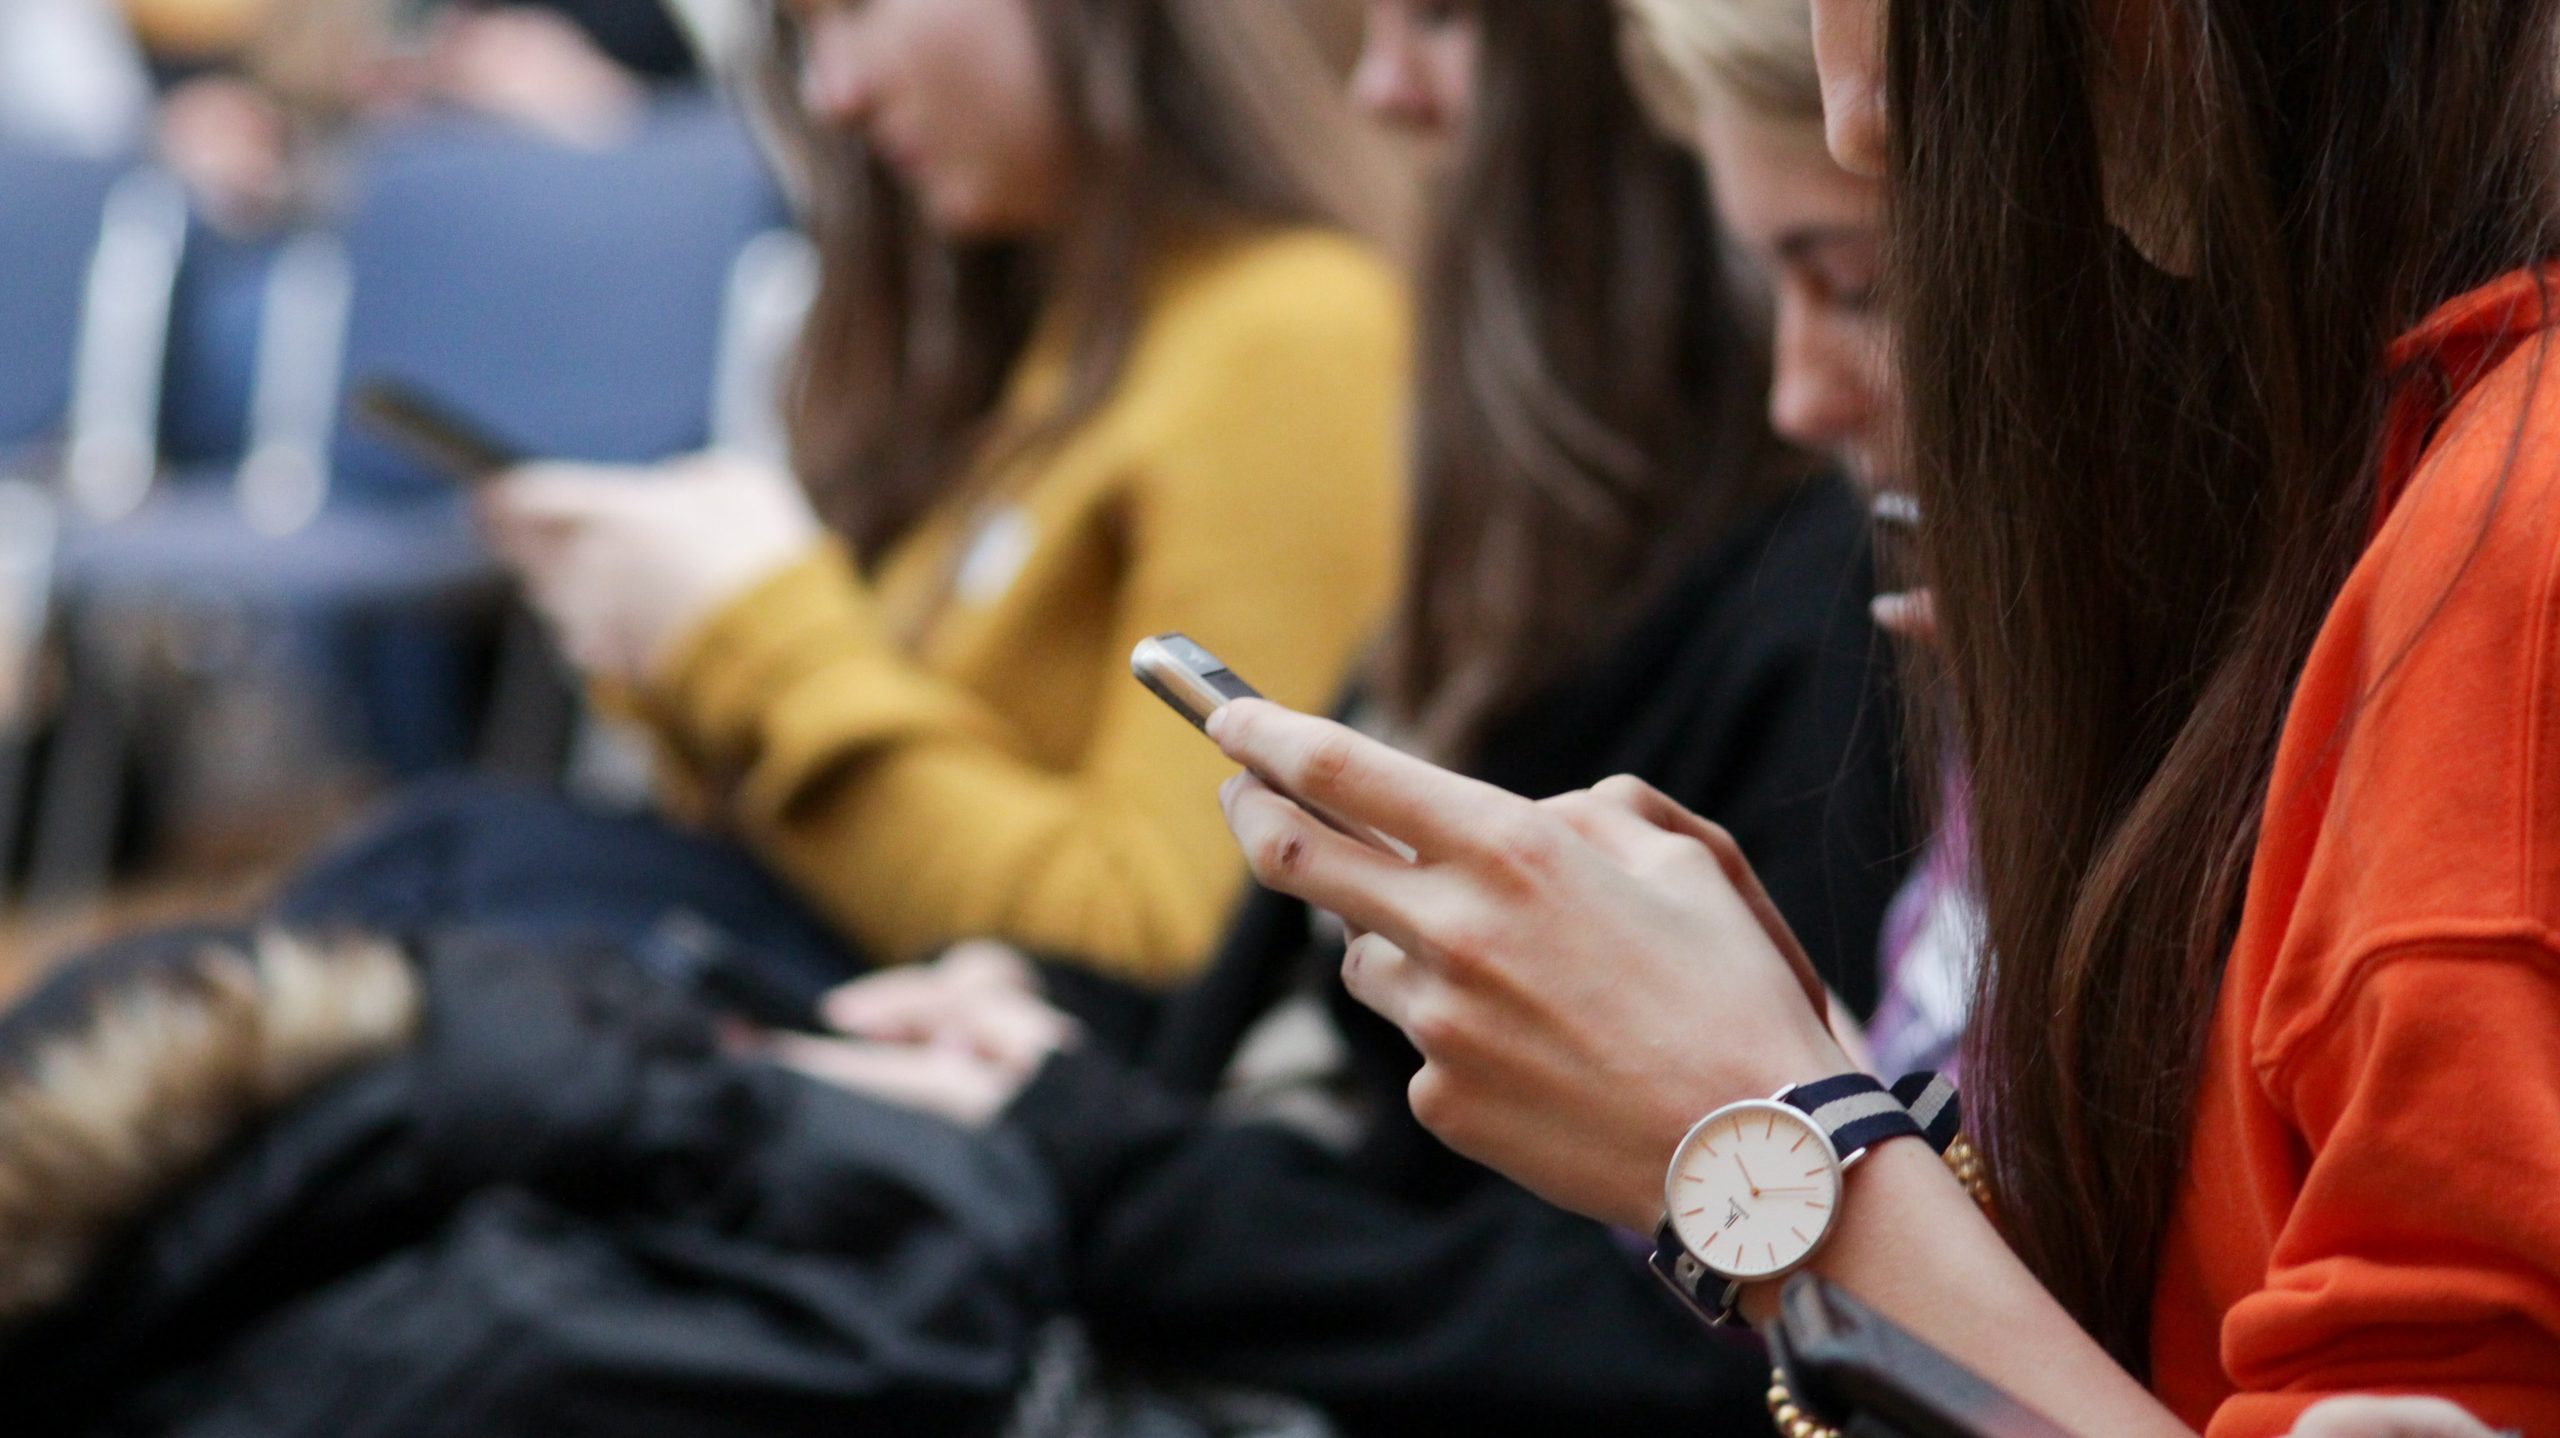 Kids_Smartphone_1